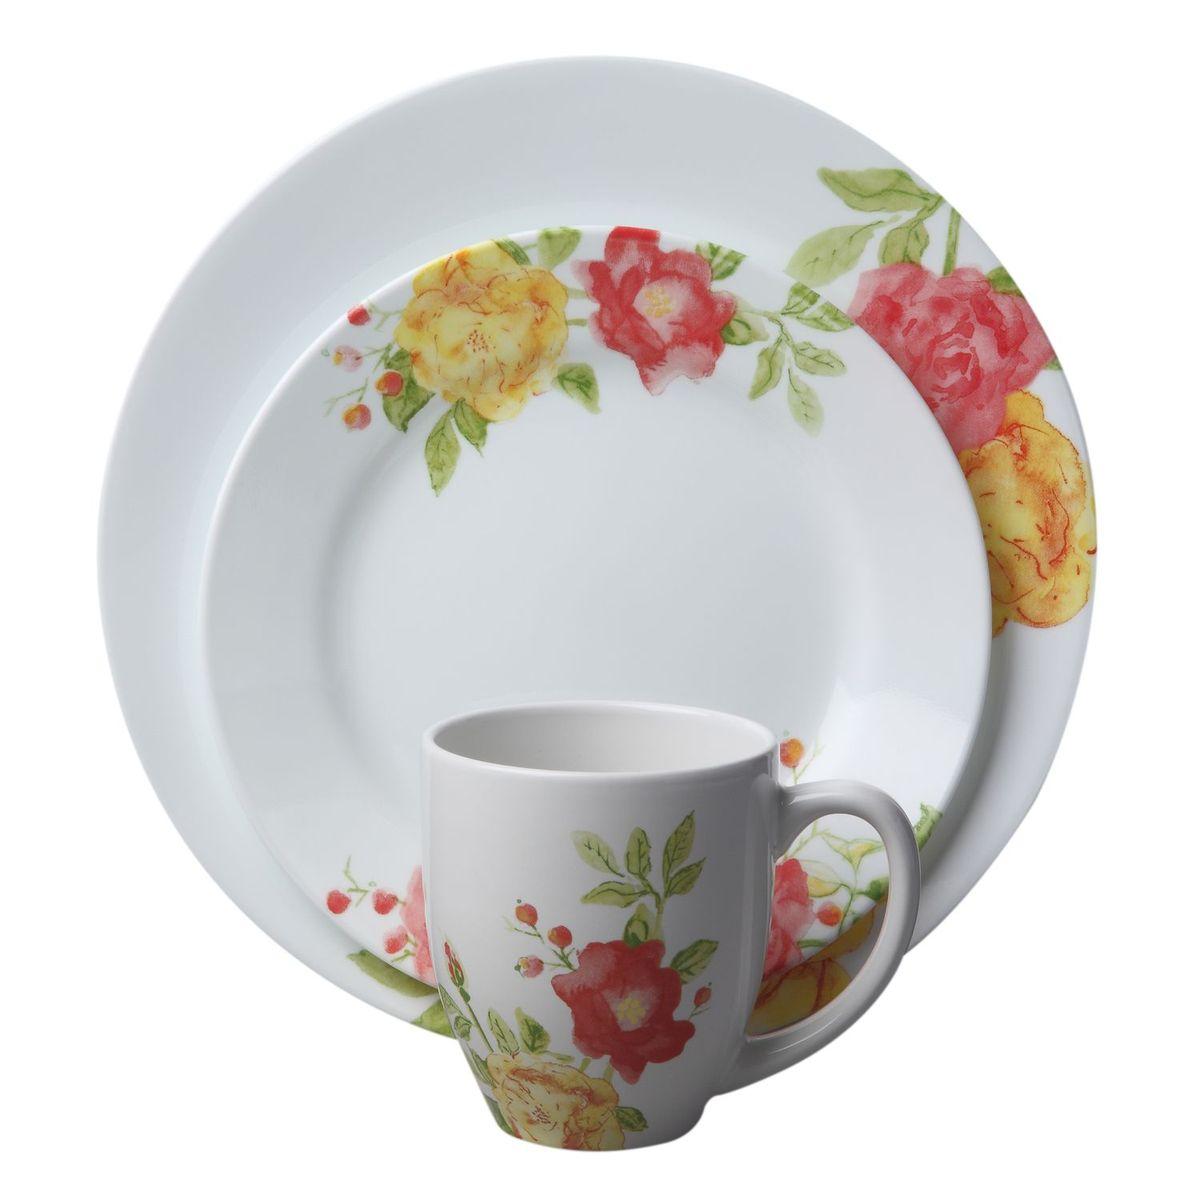 Набор посуды Emma Jane 16пр, цвет: белый с рисунком115510Преимуществами посуды Corelle являются долговечность, красота и безопасность в использовании. Вся посуда Corelle изготавливается из высококачественного ударопрочного трехслойного стекла Vitrelle и украшена деколями американских и европейских дизайнеров. Рисунки не стираются и не царапаются, не теряют свою яркость на протяжении многих лет. Посуда Corelle не впитывает запахов и очень долгое время выглядит как новая. Уникальная эмаль, используемая во время декорирования, фактически становится единым целым с поверхностью стекла, что гарантирует долгое сохранение нанесенного рисунка. Еще одним из главных преимуществ посуды Corelle является ее безопасность. В производстве используются только безопасные для пищи пигменты эмали, при производстве посуды не применяется вредный для здоровья человека меламин. Изделия из материала Vitrelle: Прочные и легкие; Выдерживают температуру до 180С; Могут использоваться в посудомоечной машине и микроволновой печи; Штабелируемые; Устойчивы к царапинам; Ударопрочные; Не содержит меламин.4 обеденные тарелки 27 см; 4 закусочные тарелки 22 см; 4 суповые торелки 530 мл; 4 фарфоровые кружки 380 мл